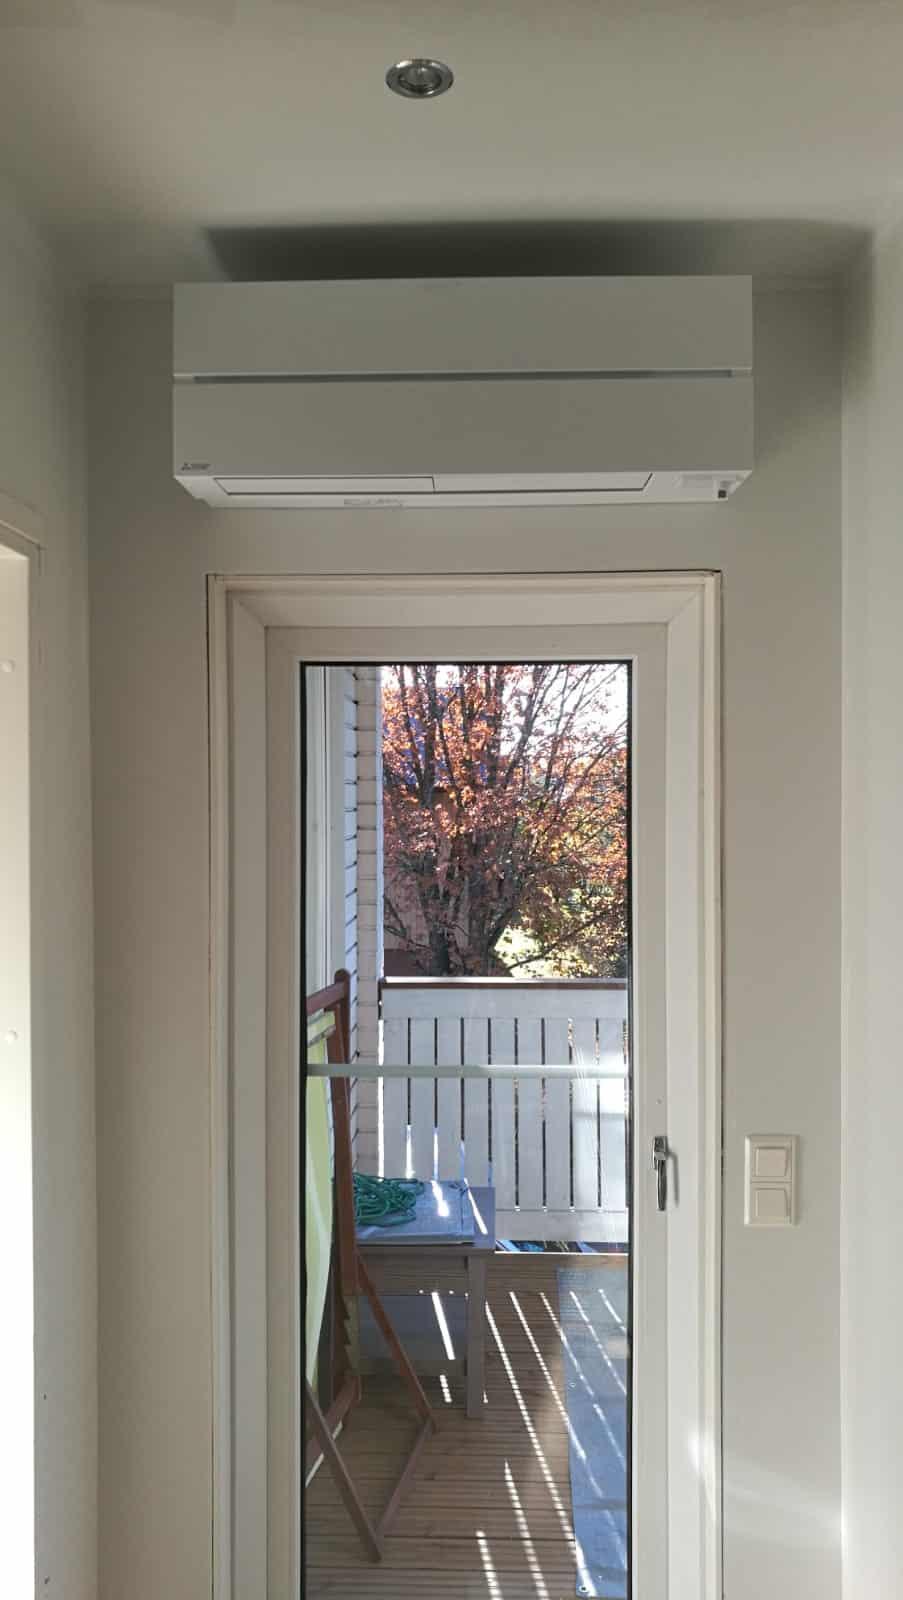 Hesatek Oy ilmalämpöpumppu oven päälle asennettuna